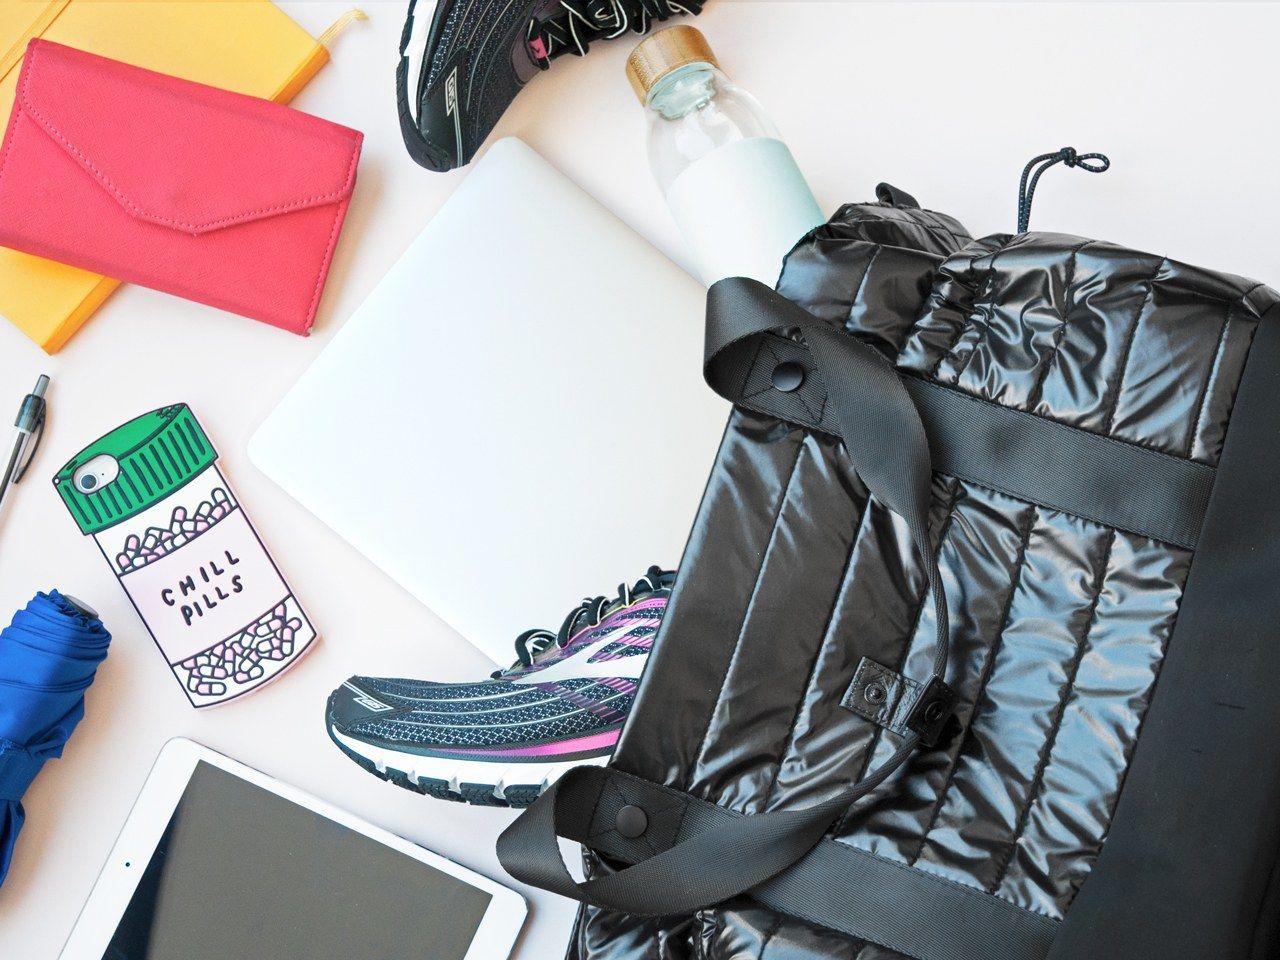 gym bag products.jpg